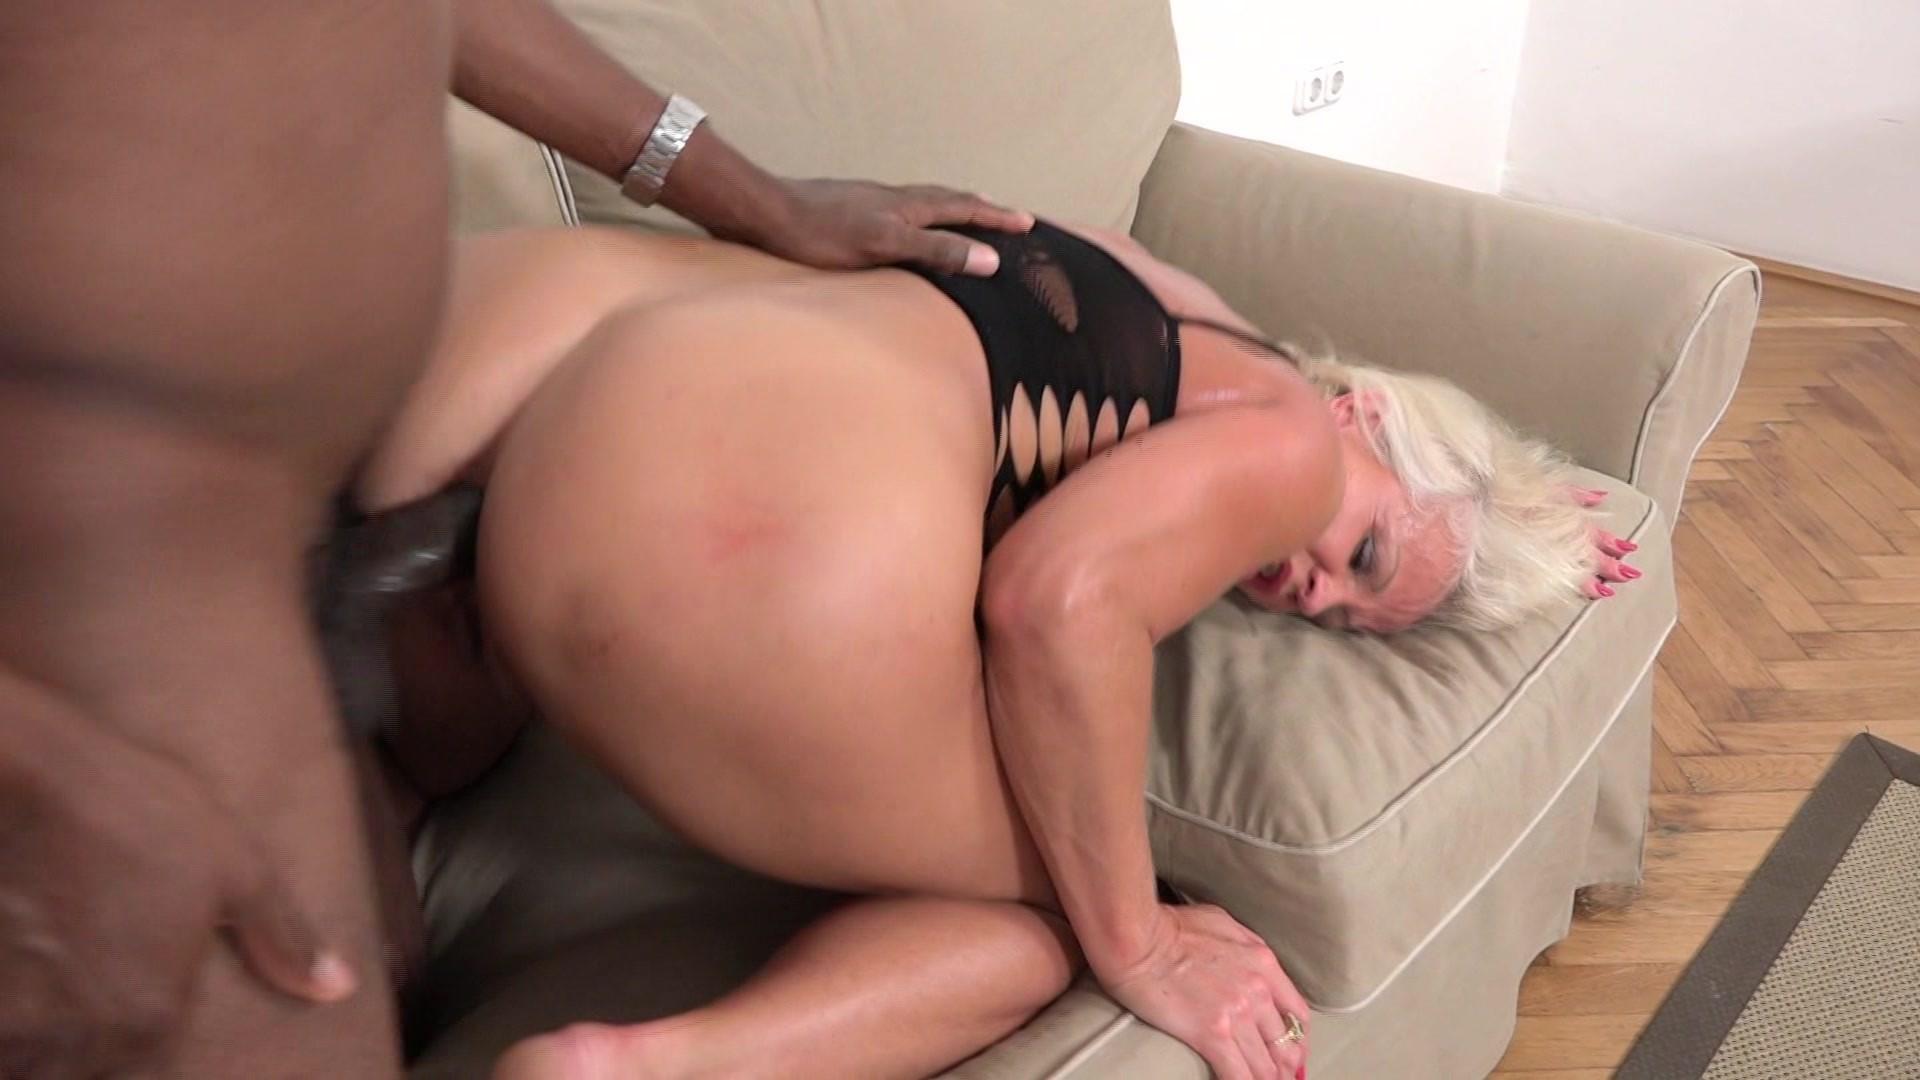 Mostrando imágenes porno de Cathy Barry Dp Porn Wwwhandy-3542